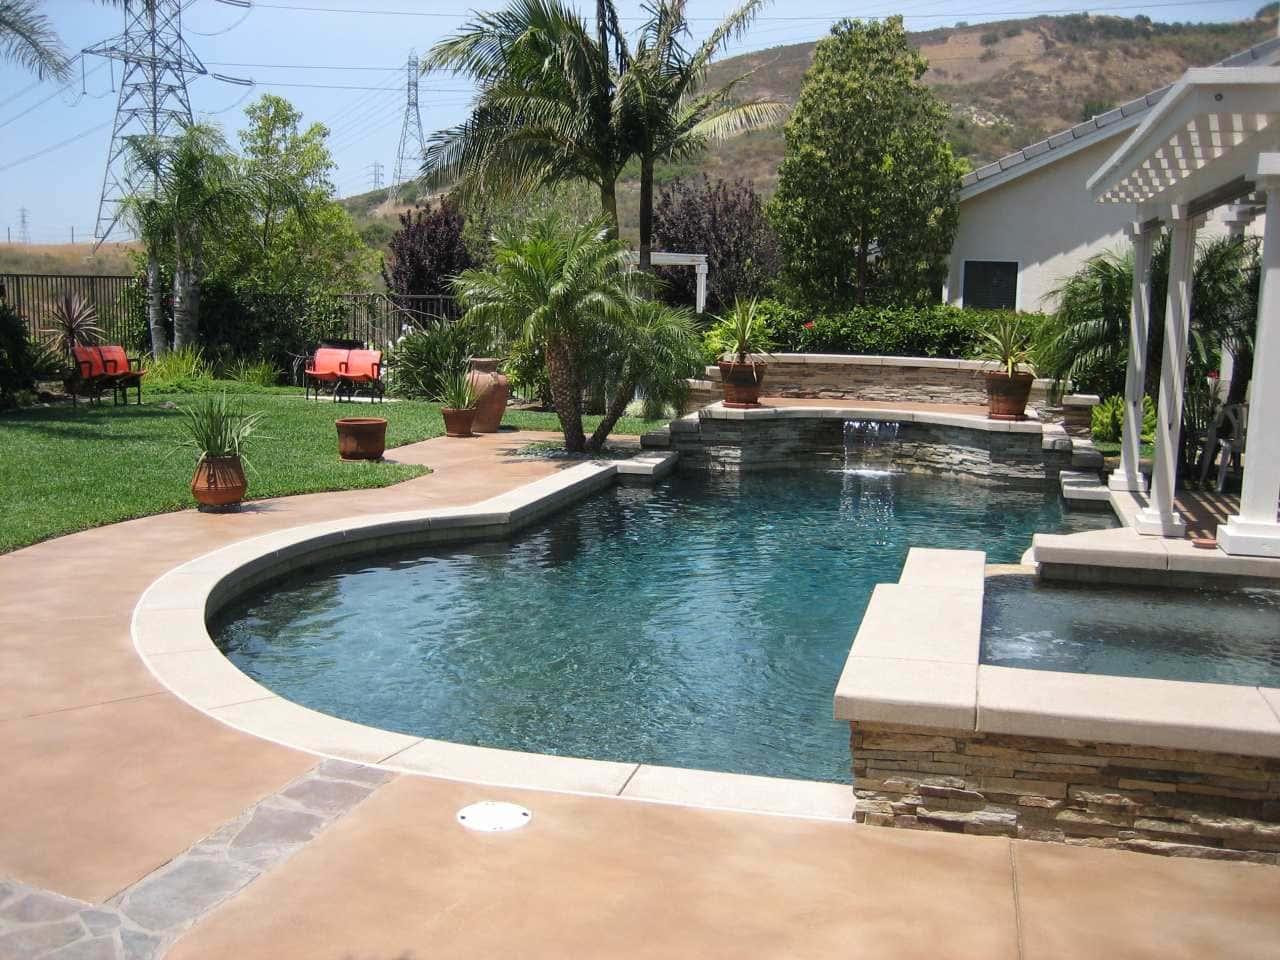 Waterproofing For Pools : Waterproofing pool decks preserves your investment pli dek